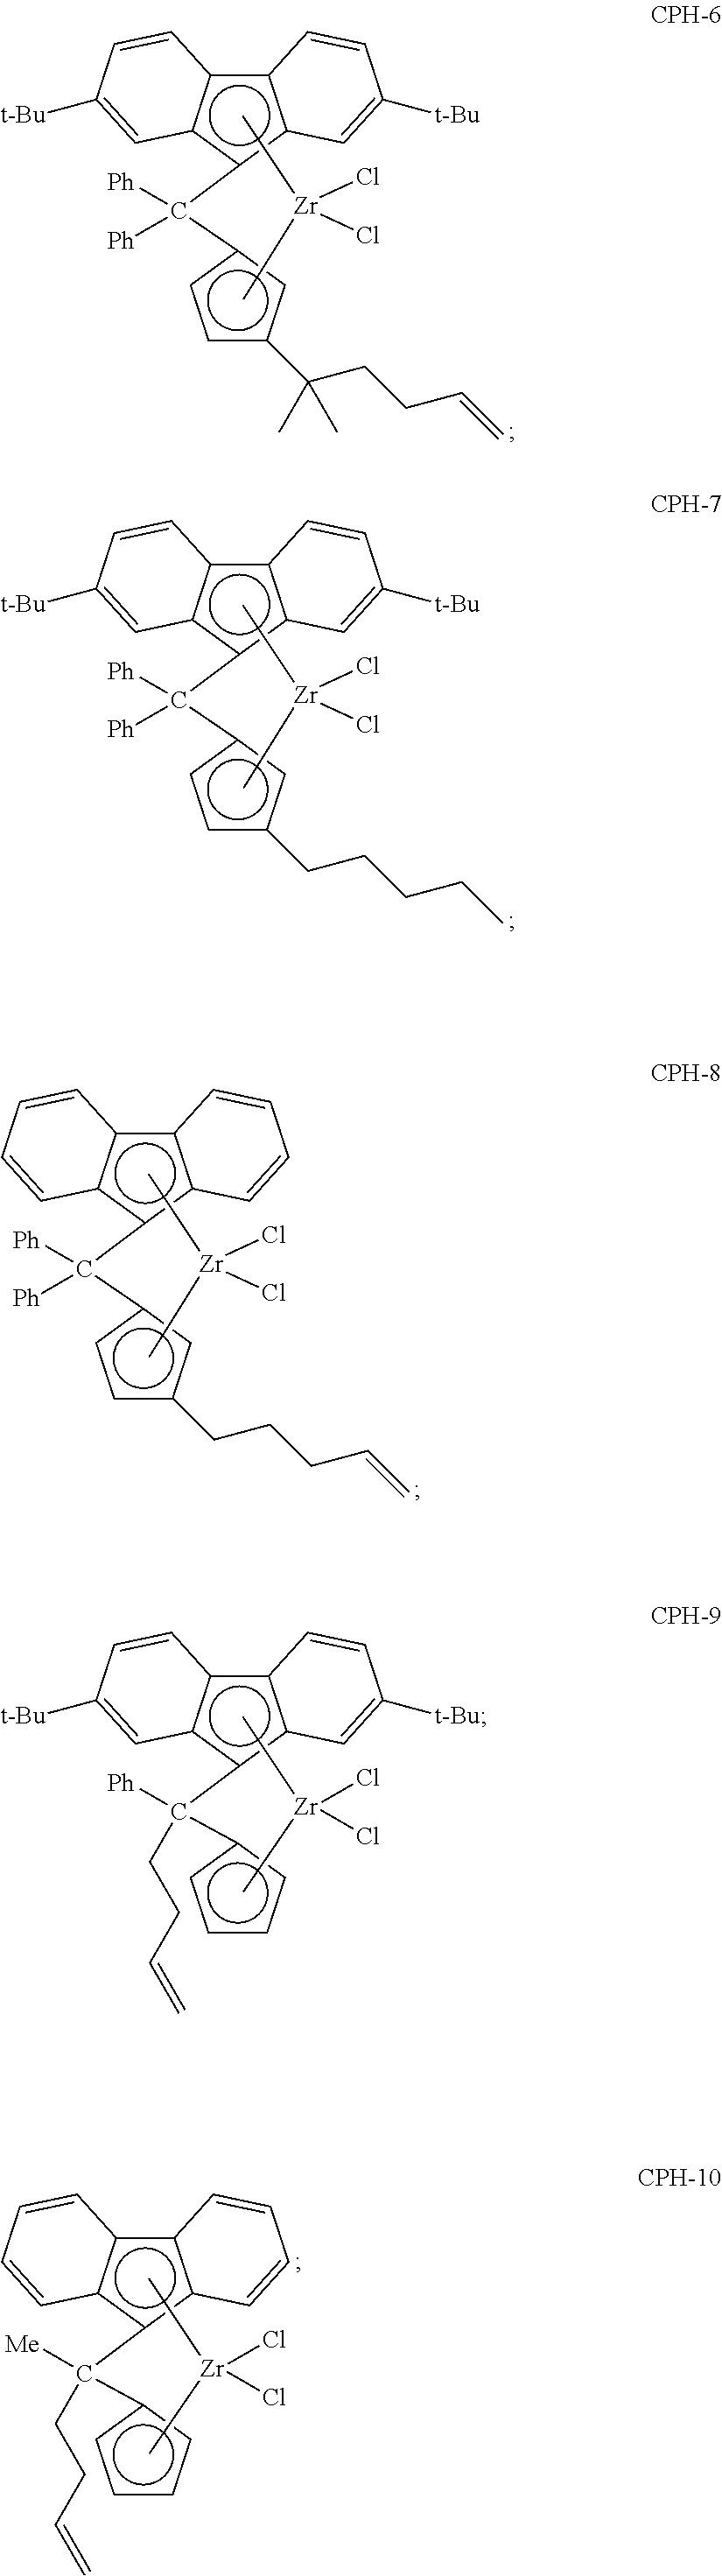 Figure US08809562-20140819-C00004